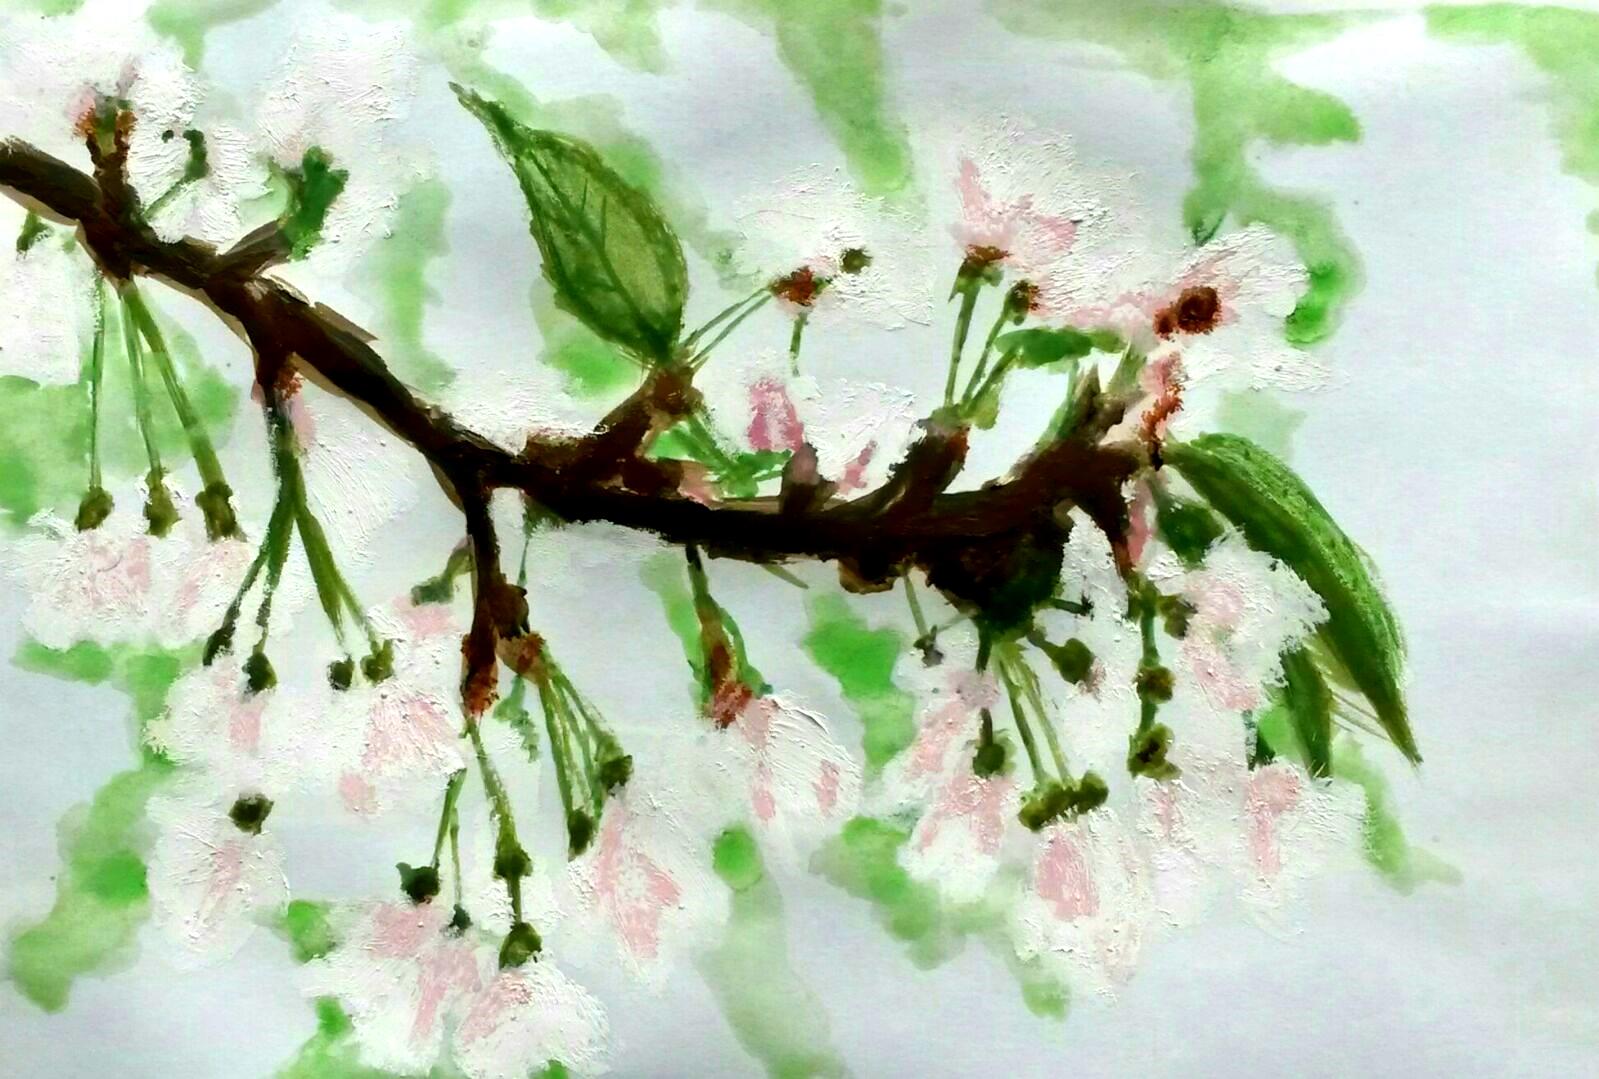 Flores del Cerezo - R. Leiva (T. Mixta óleo y acuarela)